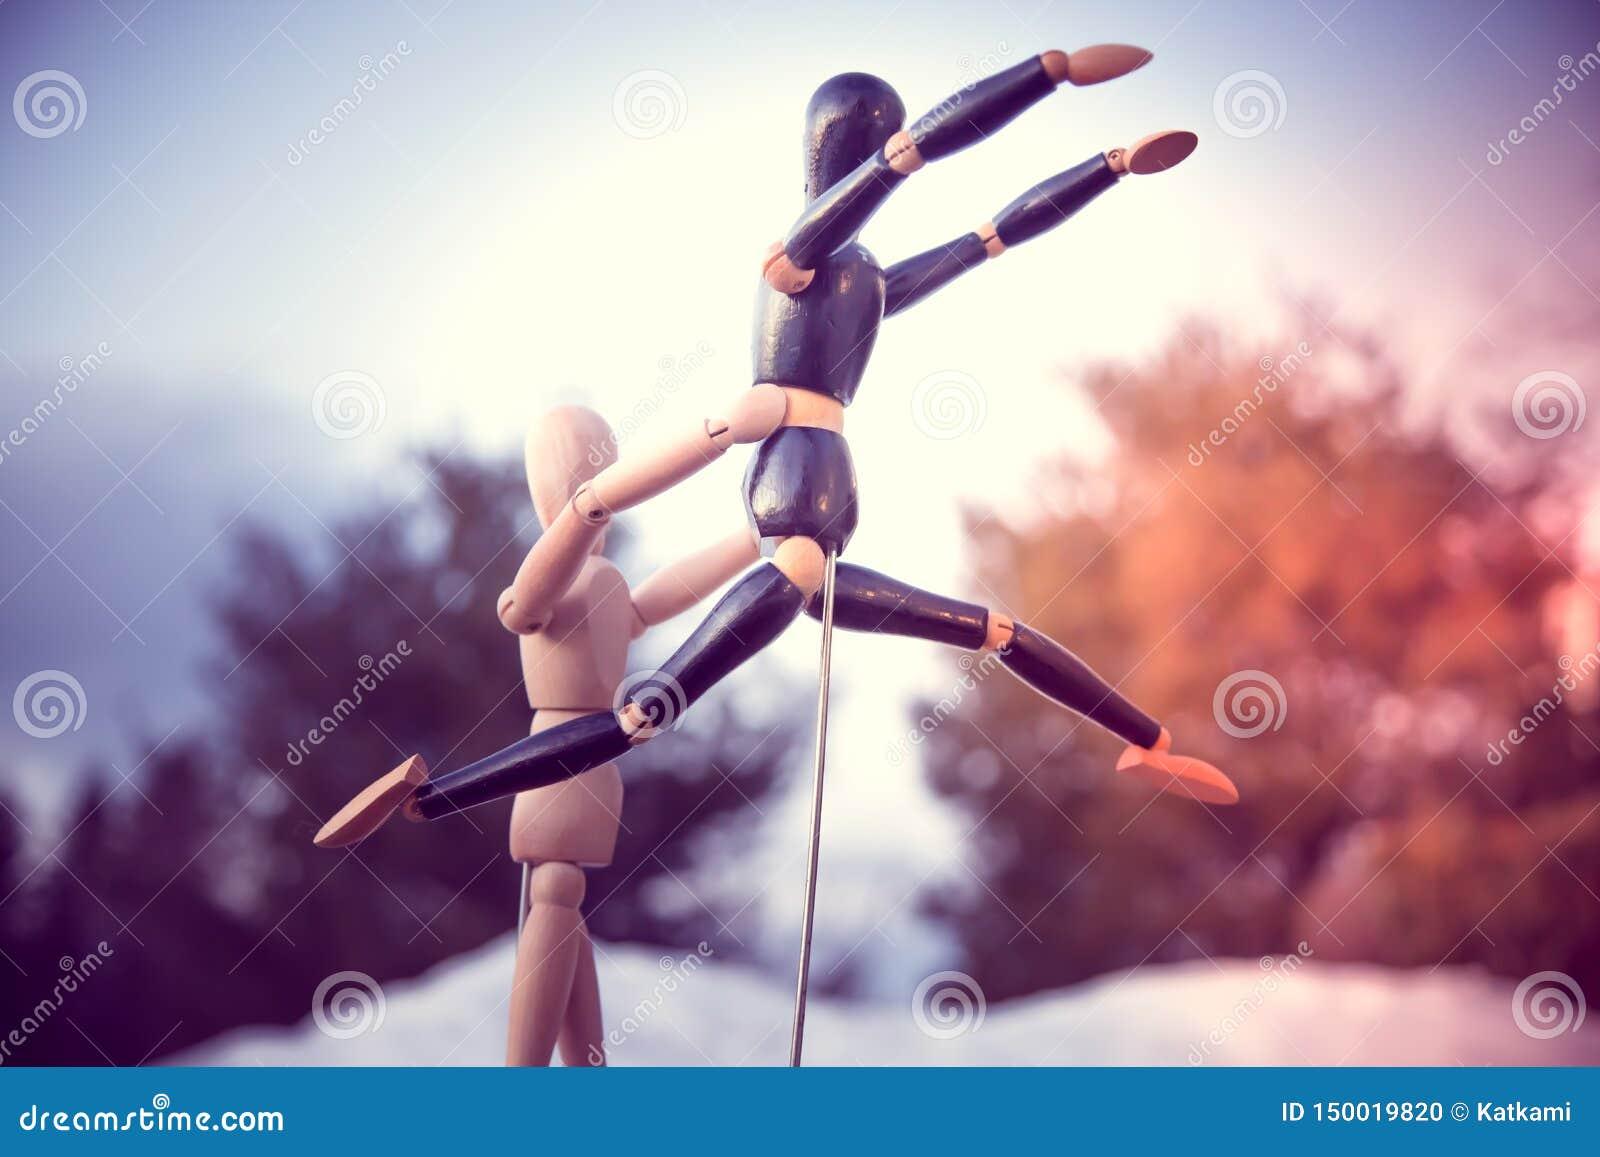 Hölzernes Mannequin, das anderem Mannequin hilft zu springen